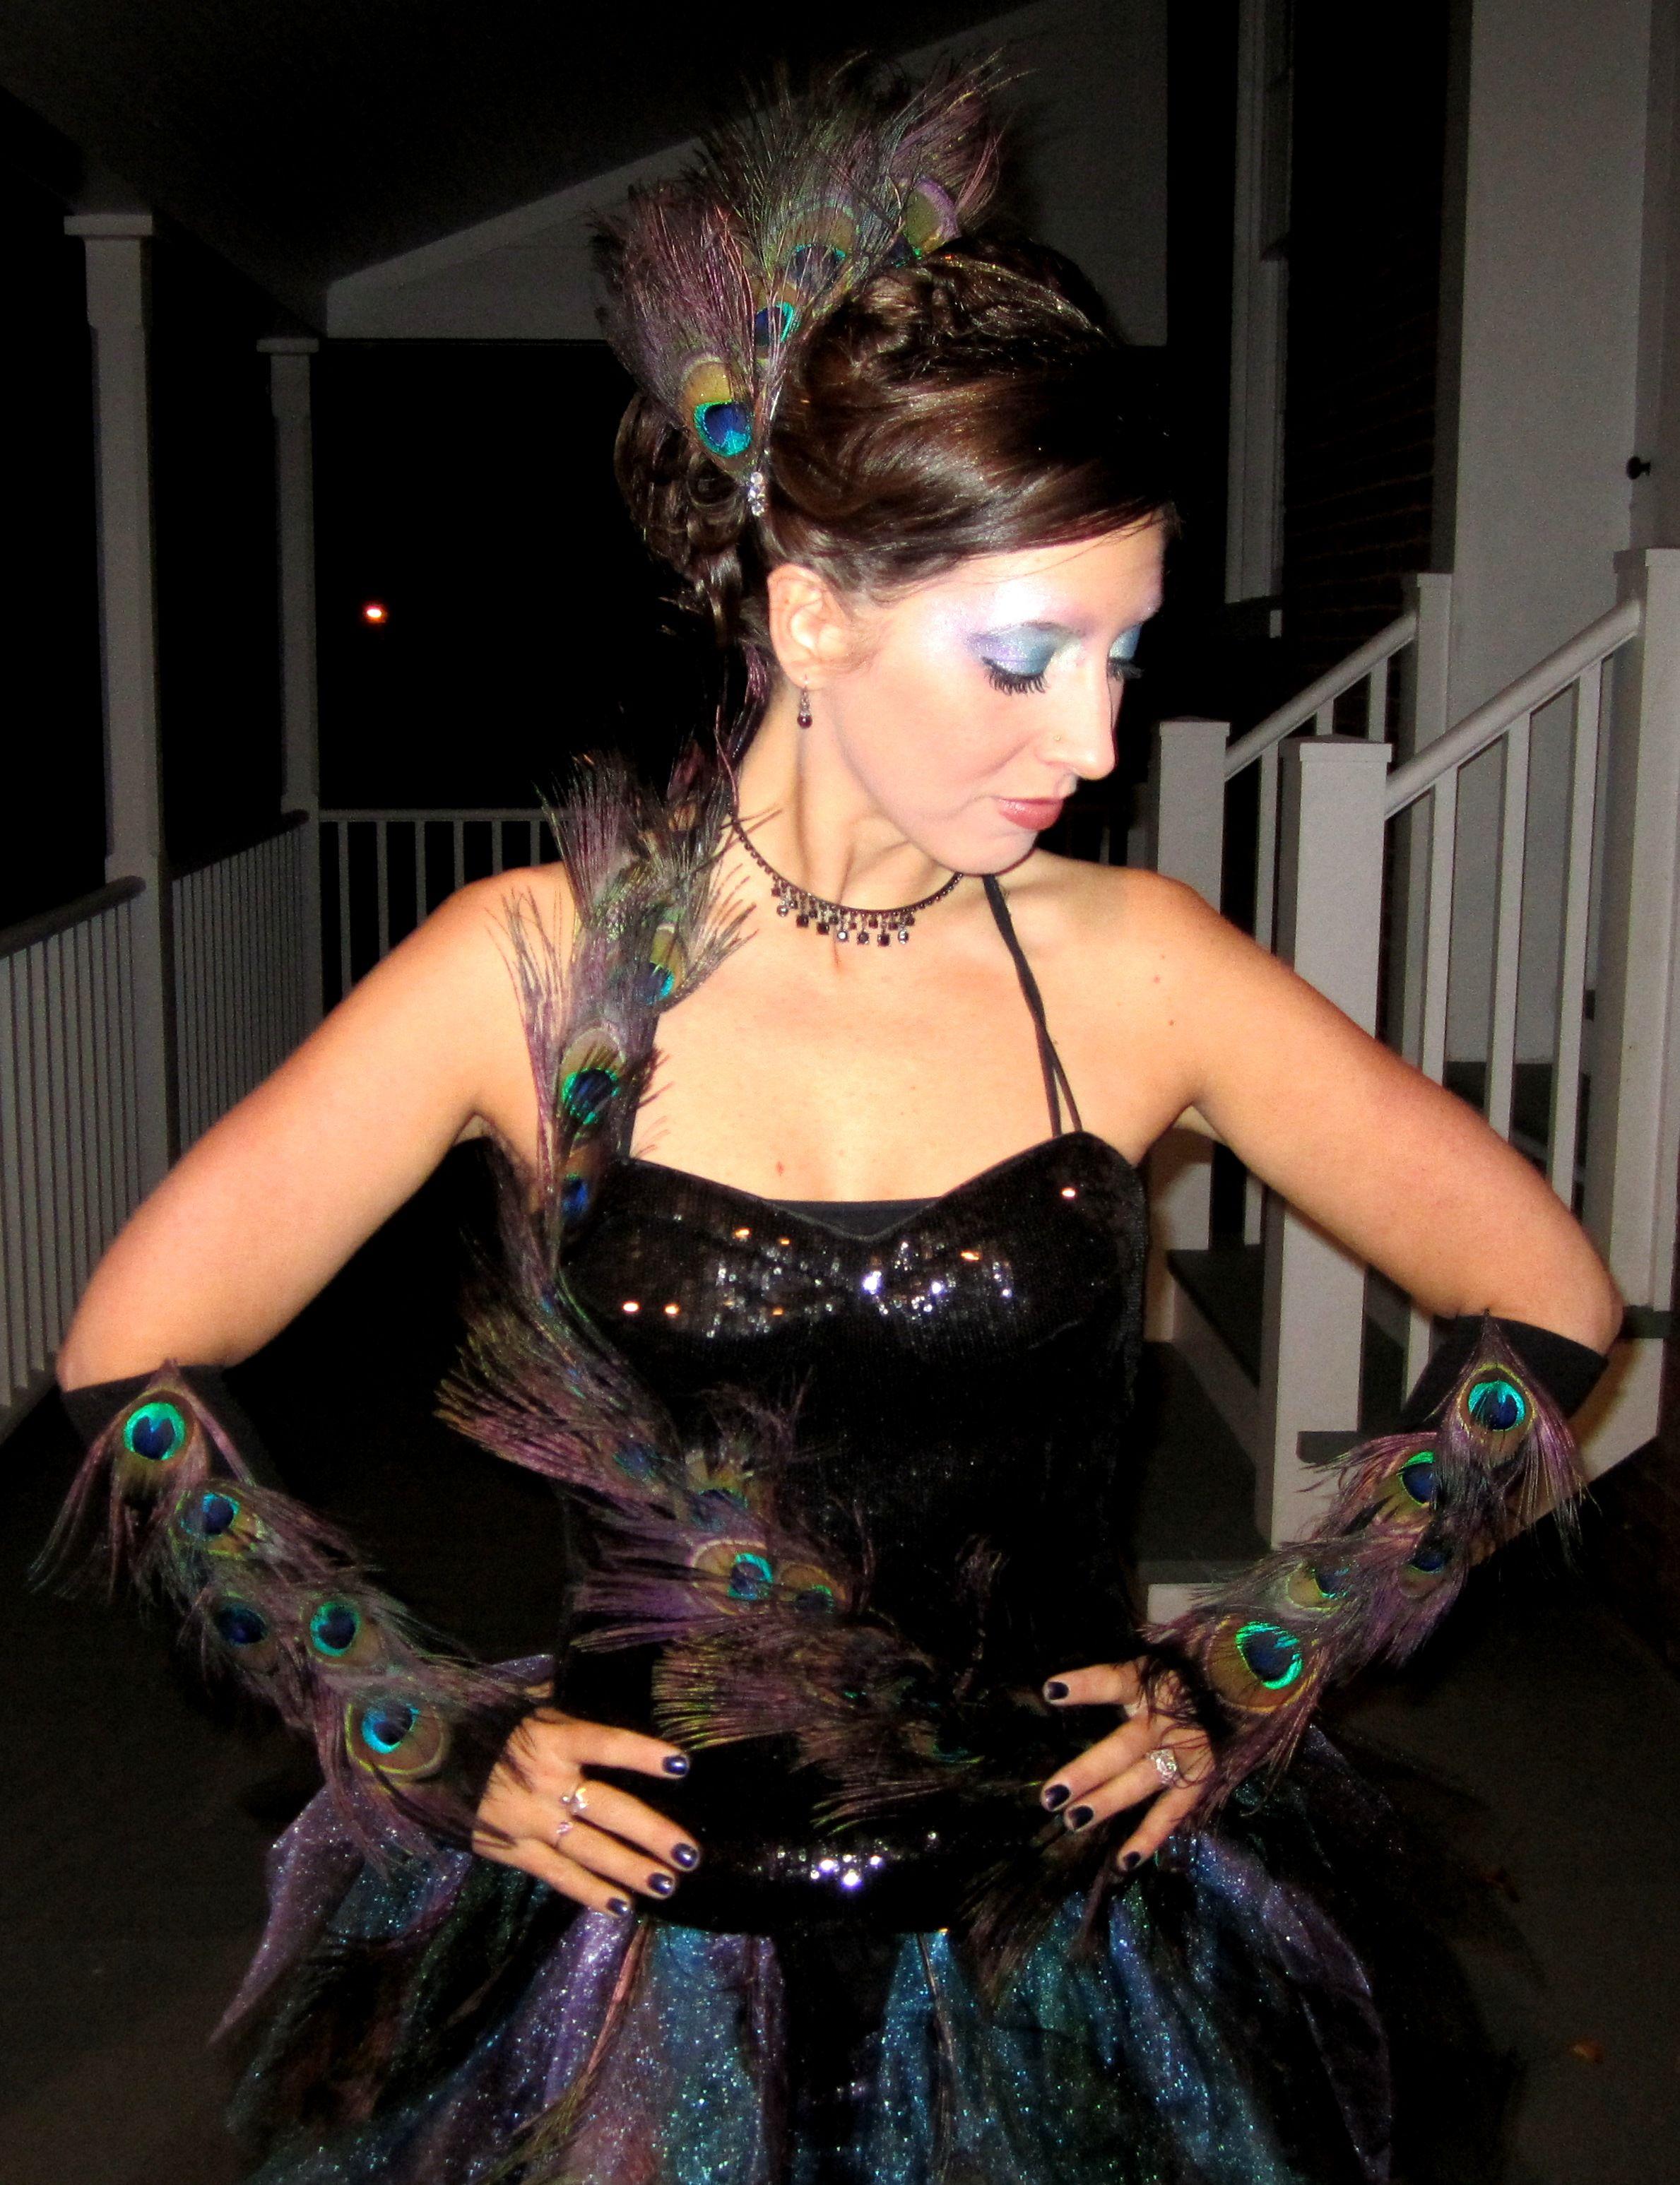 Diy cirque du soleil peacock costume costumes diy cirque du soleil peacock costume solutioingenieria Images